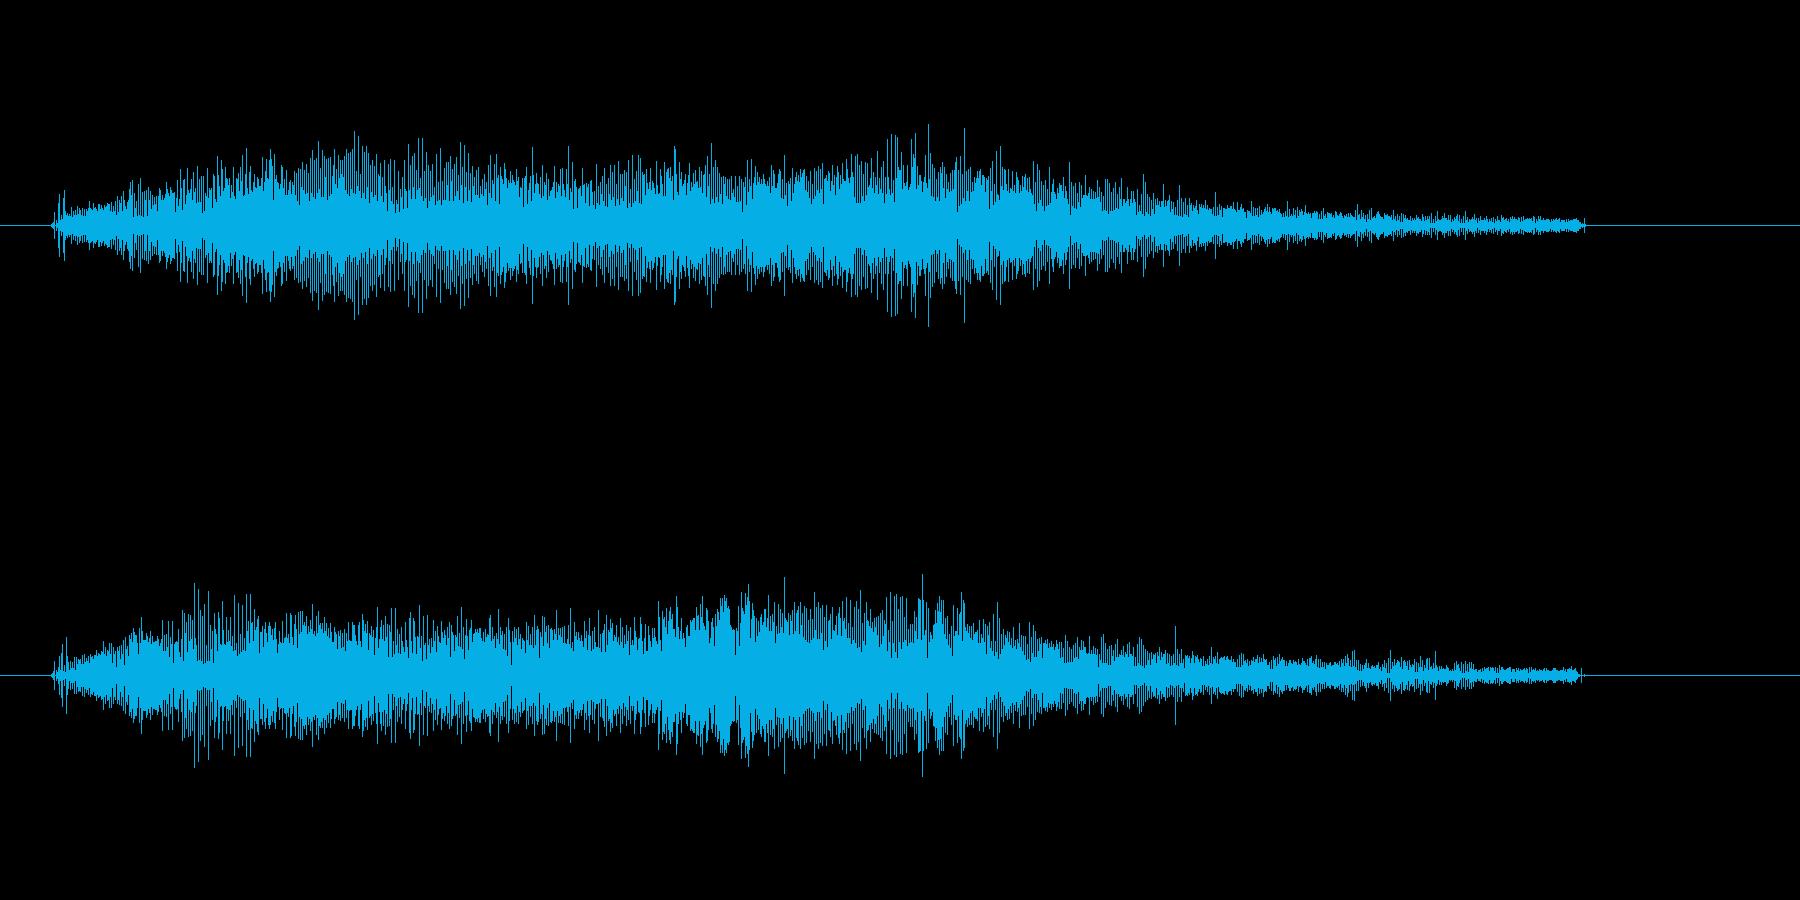 宇宙人光線ビーム音キュイーンビュイーンの再生済みの波形